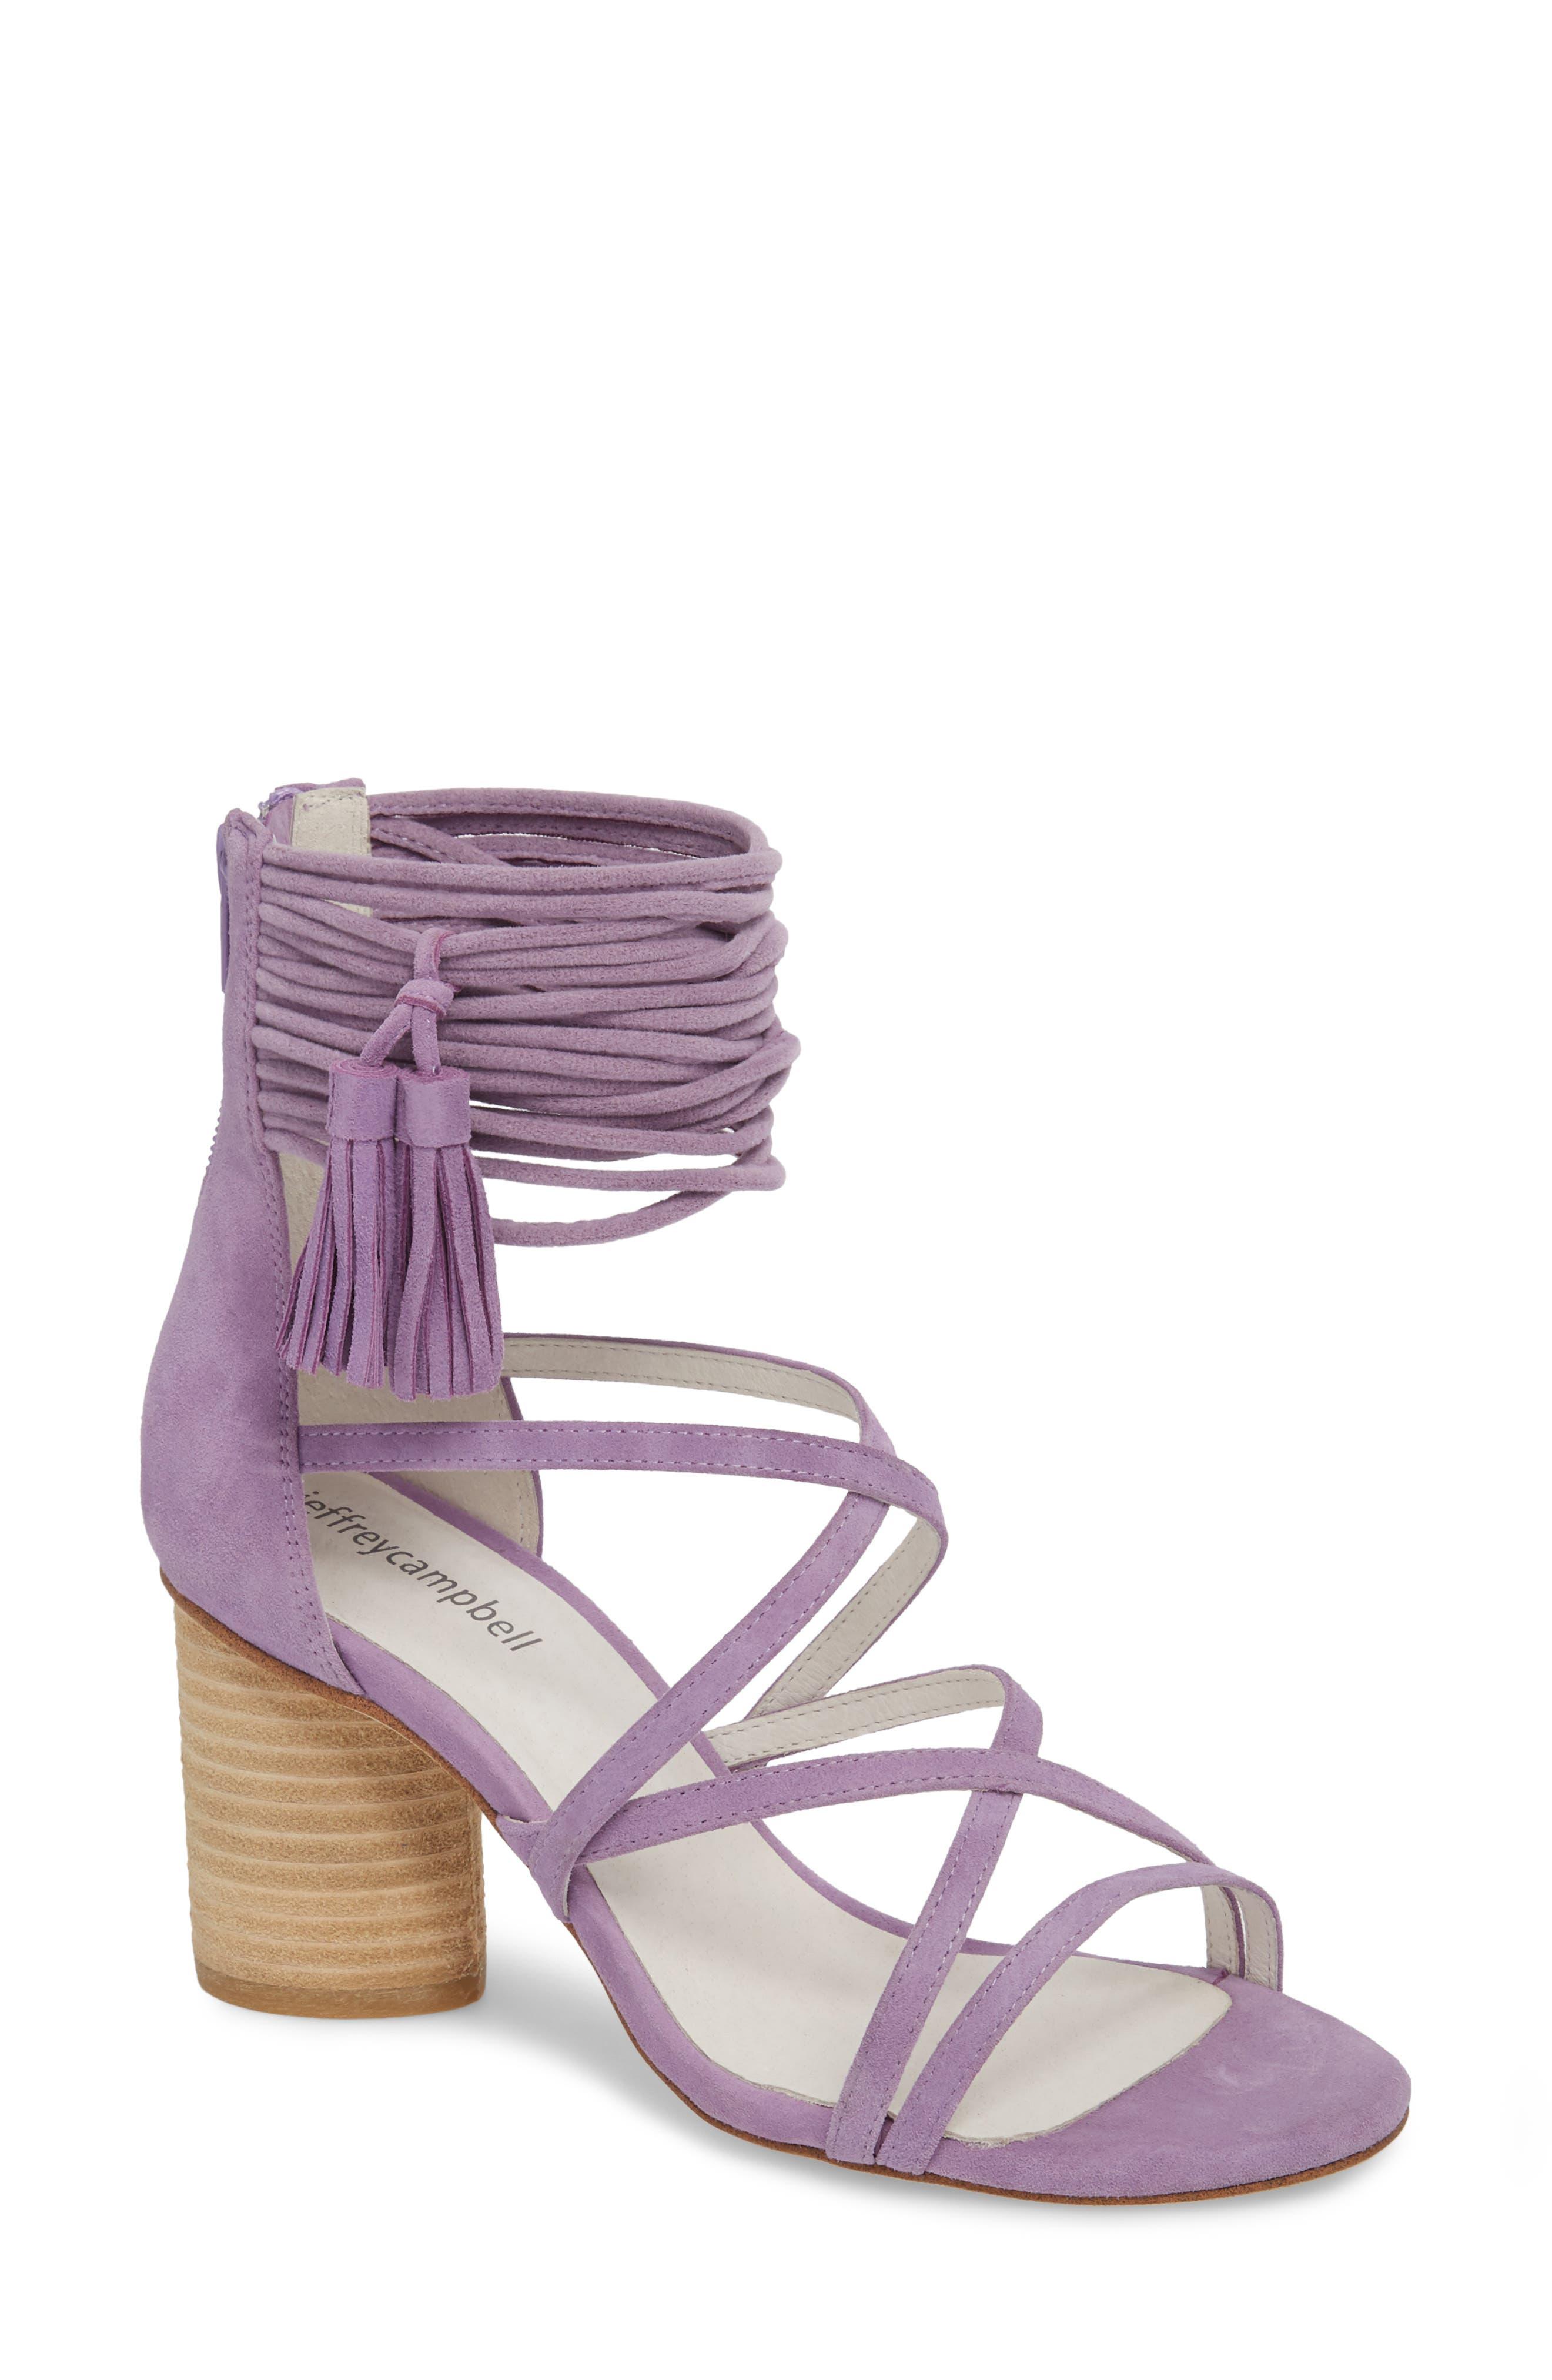 'Despina' Strappy Sandal,                             Main thumbnail 1, color,